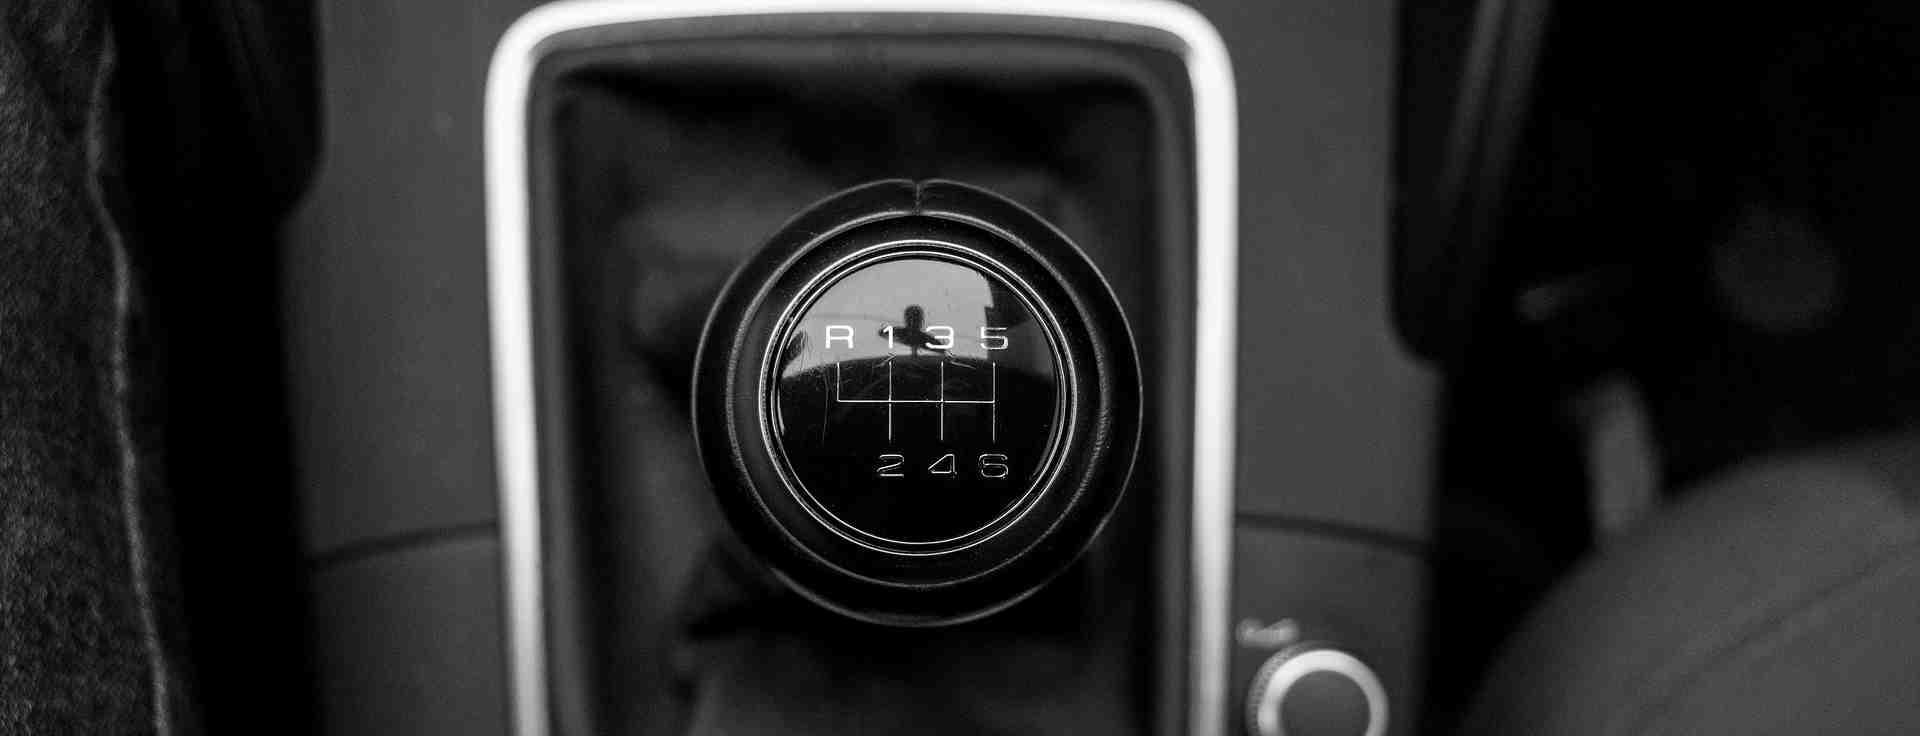 Handschaltung oder Automat